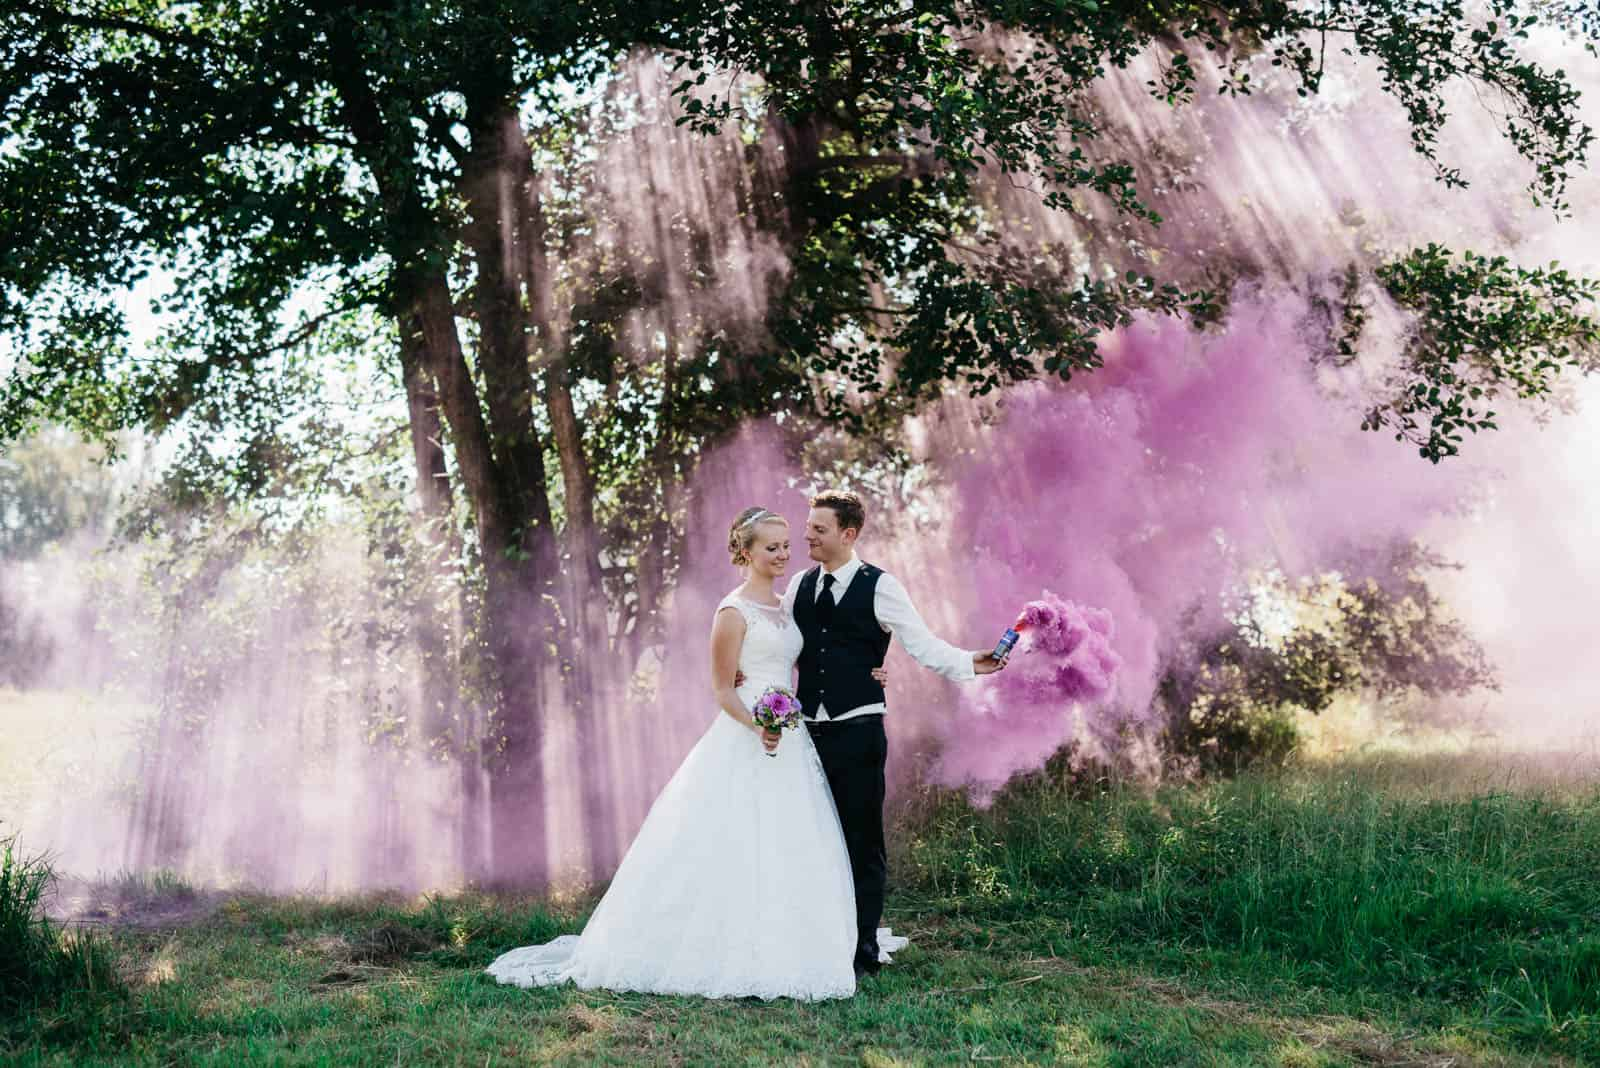 Wedding_Photography_076